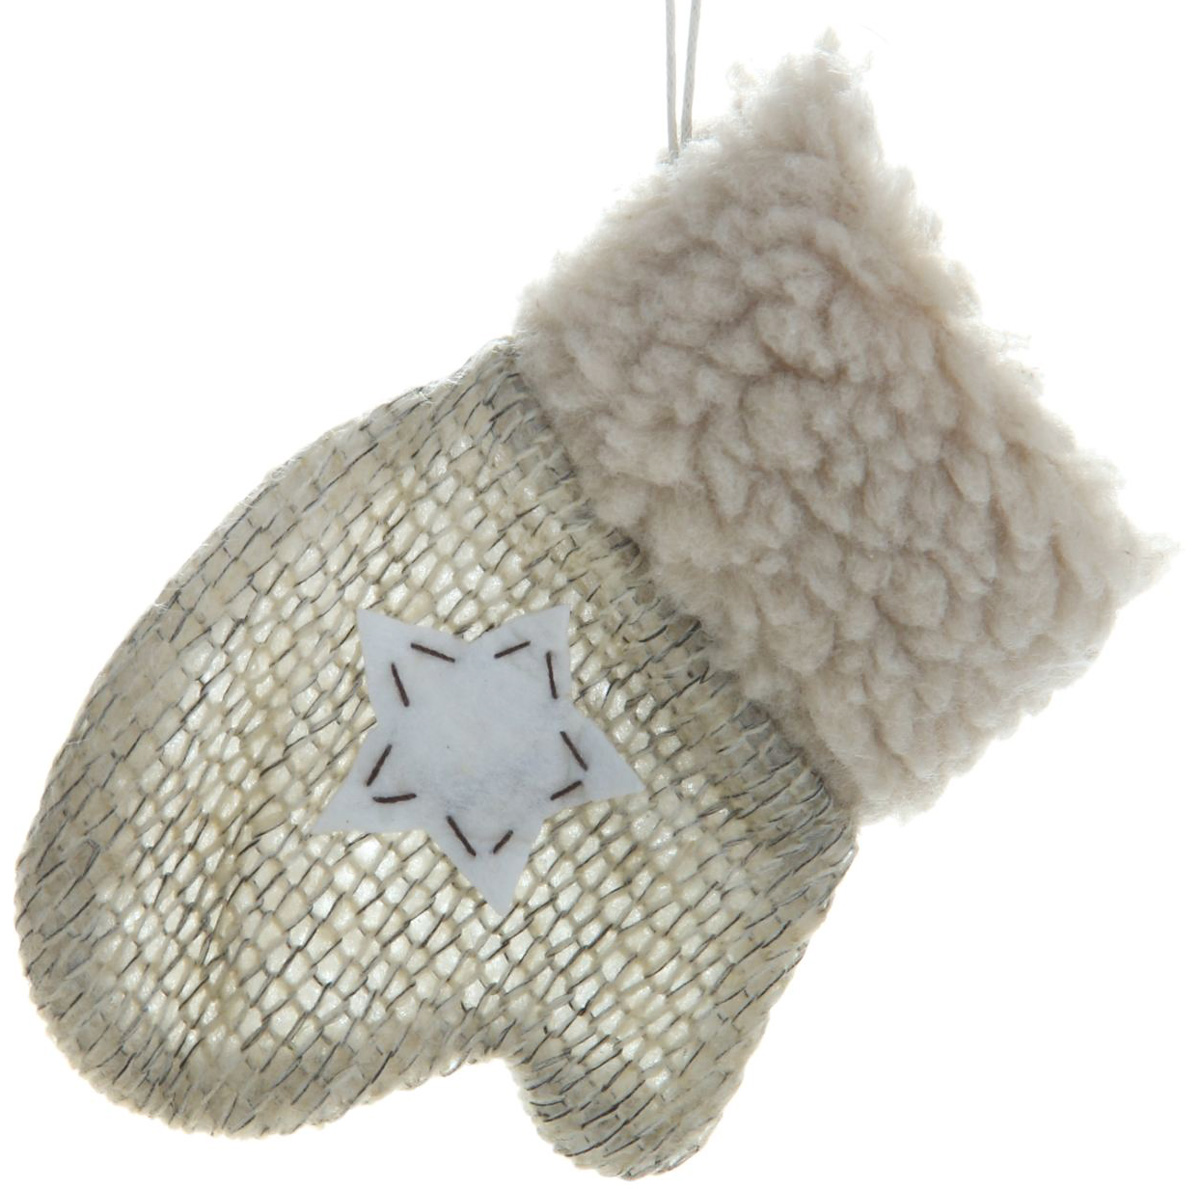 Варежка подарочная Sima-land Звездочка, цвет: бежевый, 11,5 см. 334337334337Оригинальный мешочек Sima-land, выполненный в виде варежки, - отличное обрамление для подарков! Также это - красивый сувенир, который украсит любой дом в новогодний праздник. Прекрасная традиция класть подарки в подвесной мешочек добавит волшебства в новогоднюю ночь!